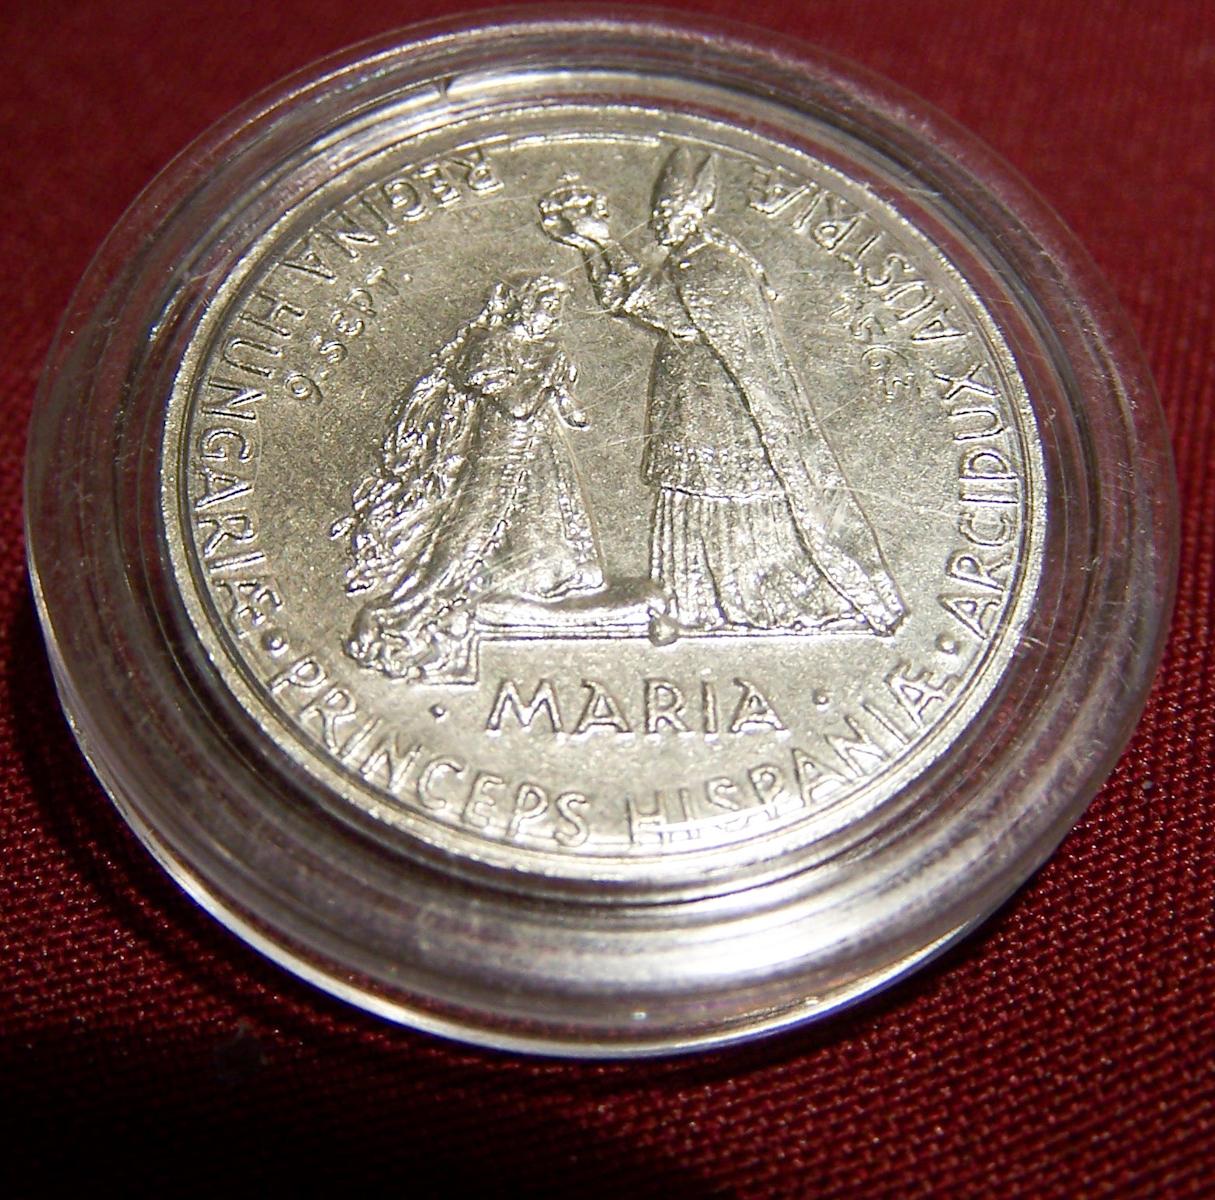 Souvenirs - Abzeichen und Medaillen - Maria - Krönungsfeierlichkeiten Bratislava 2004 - Vorderseite